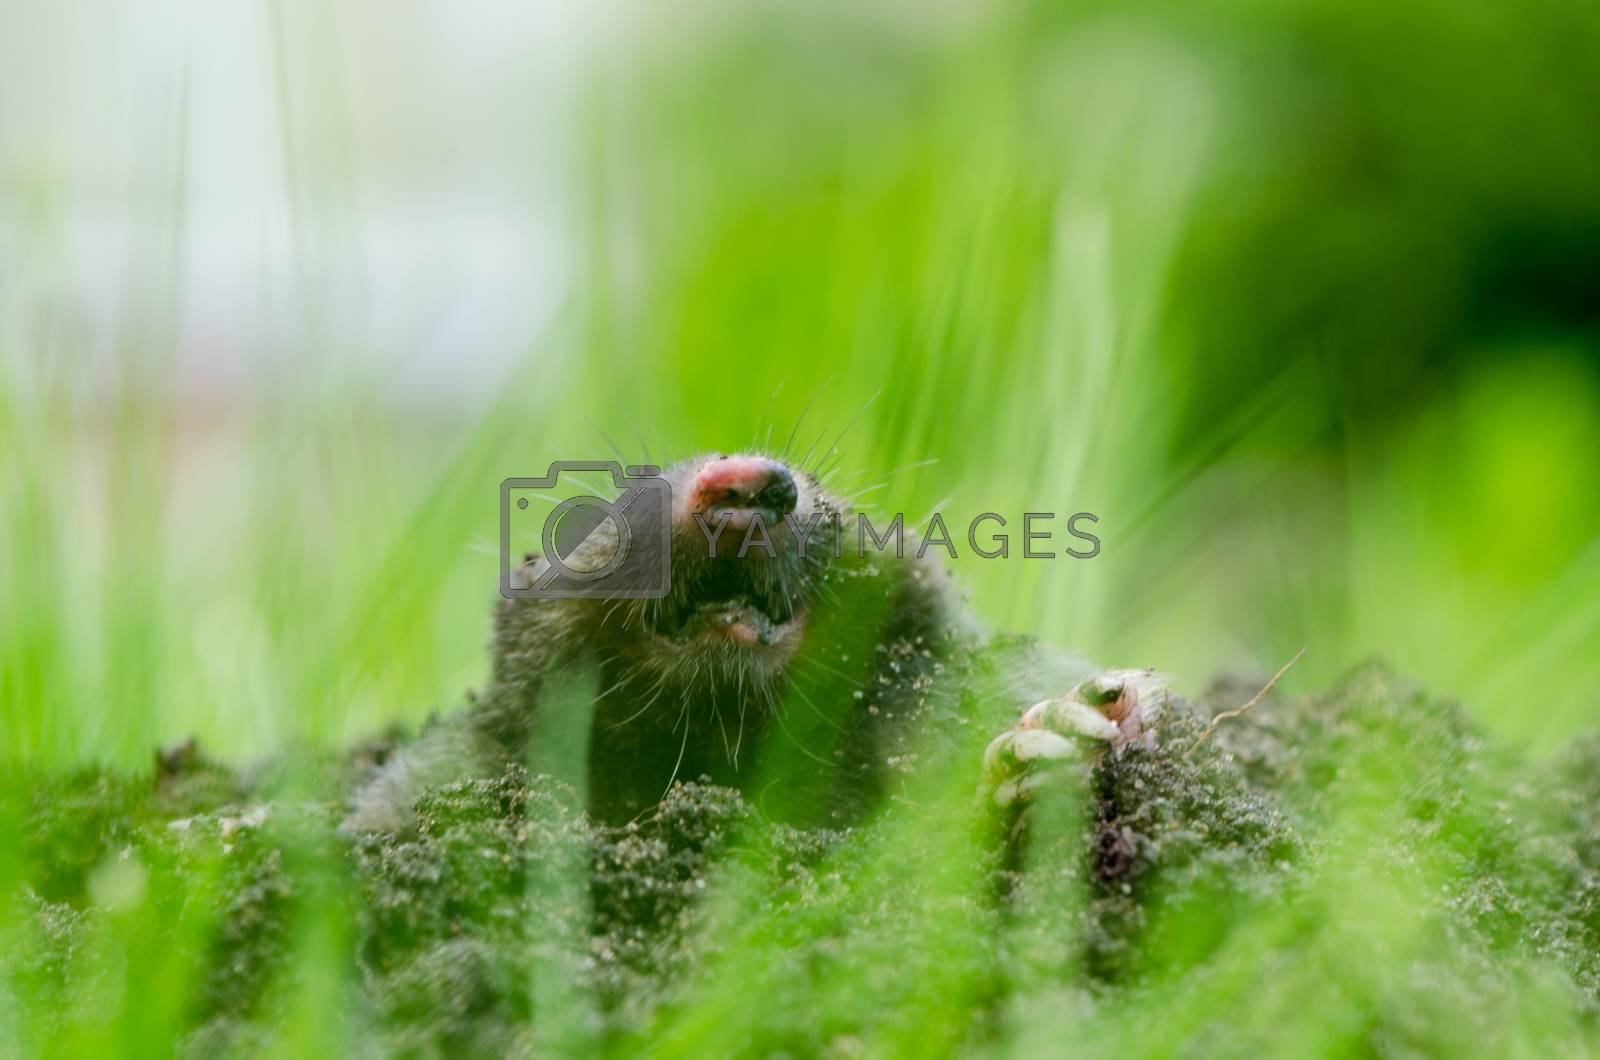 Mole head in molehill hole soil. Enemy for beautiful lawn. Blur view through grass.